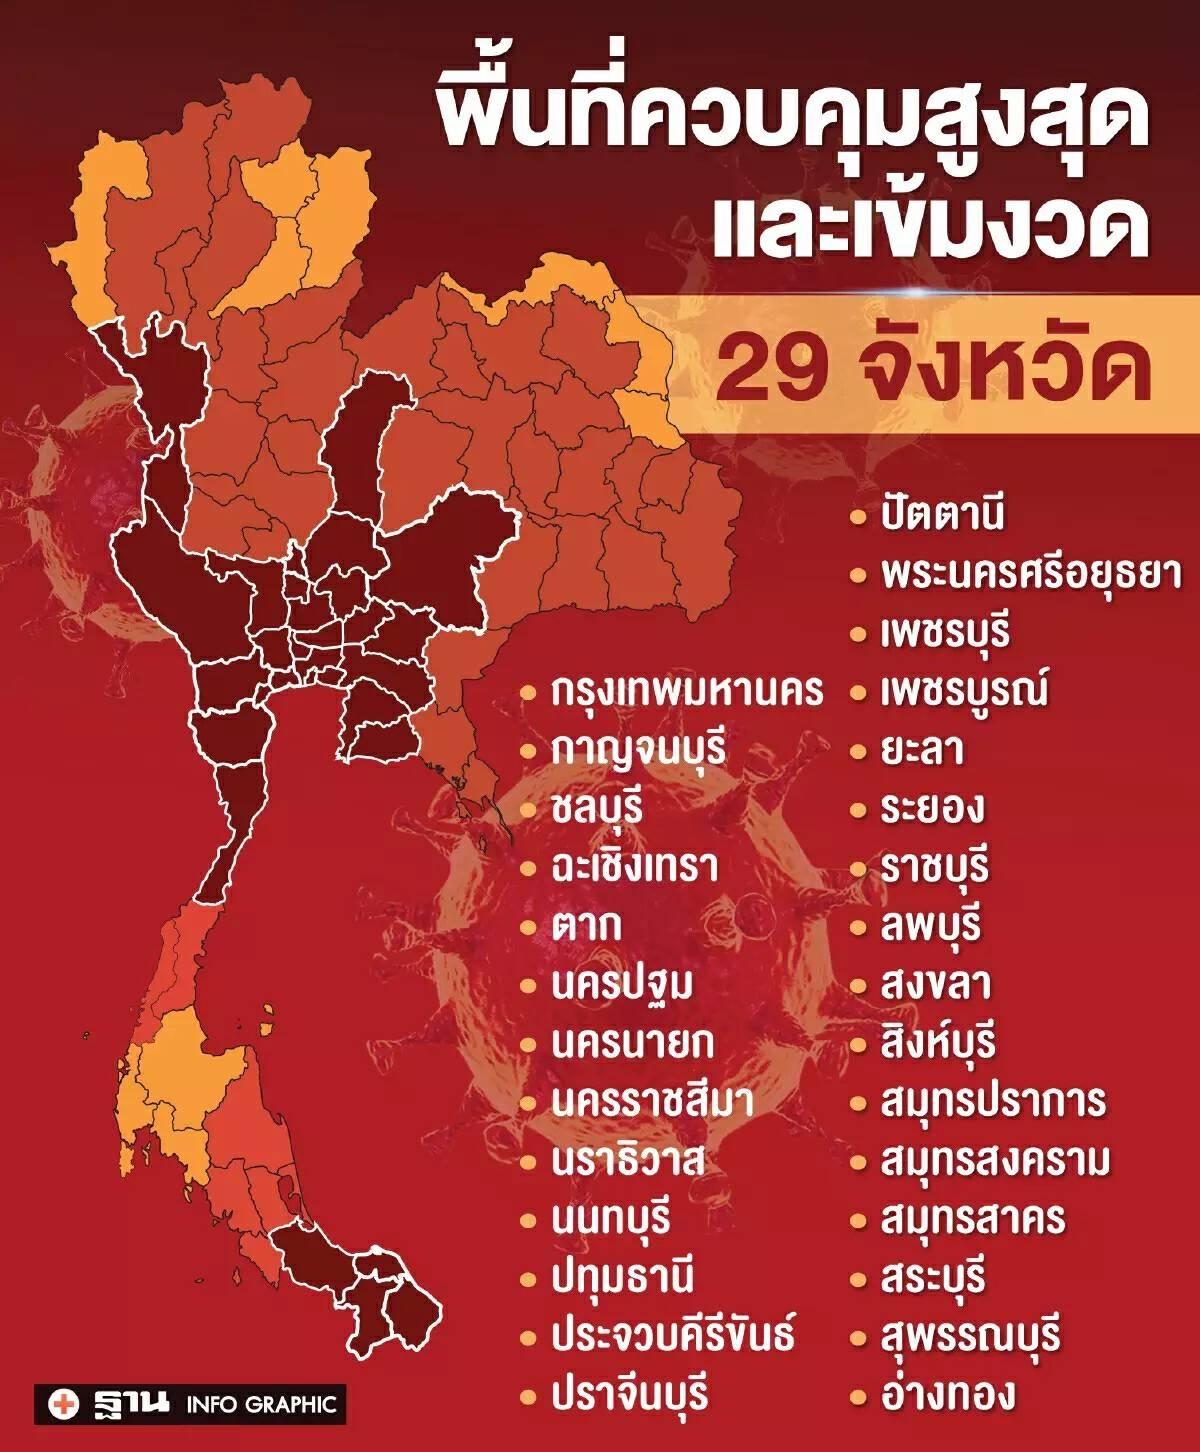 ประกันสังคมมาตรา 33 มาตรา 39 มาตรา 40 จังหวัดไหนได้เงินเยียวยา 2 เดือน